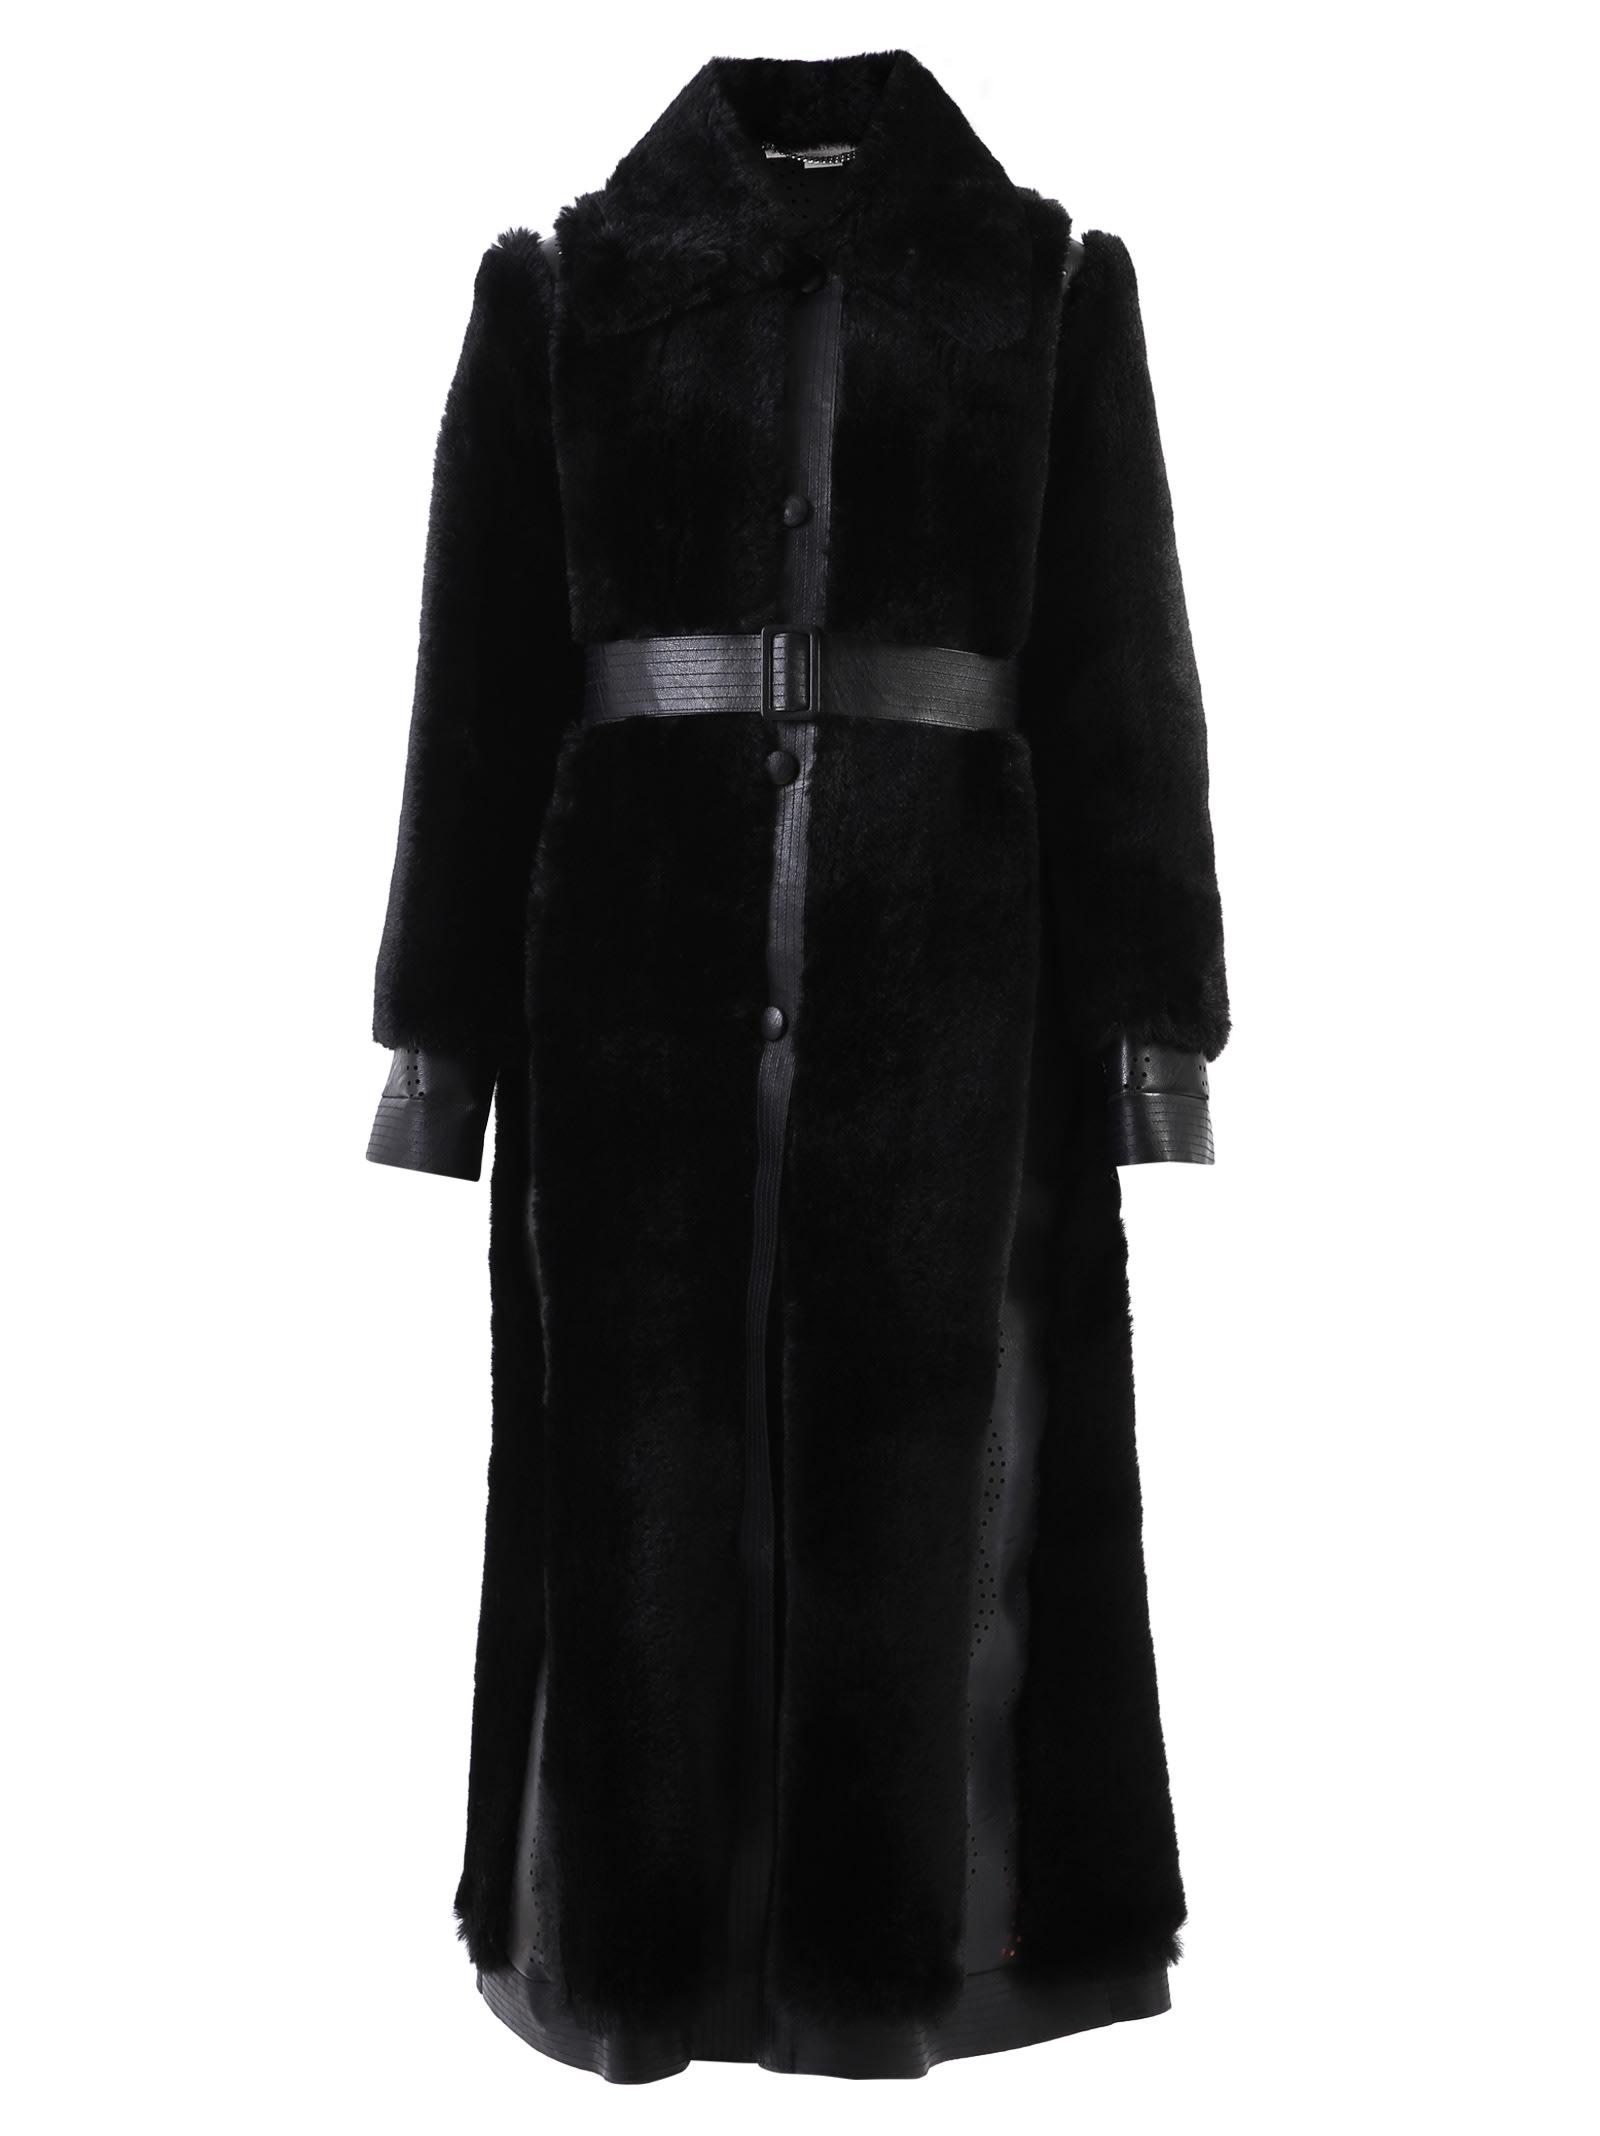 Stella McCartney Selen Coat